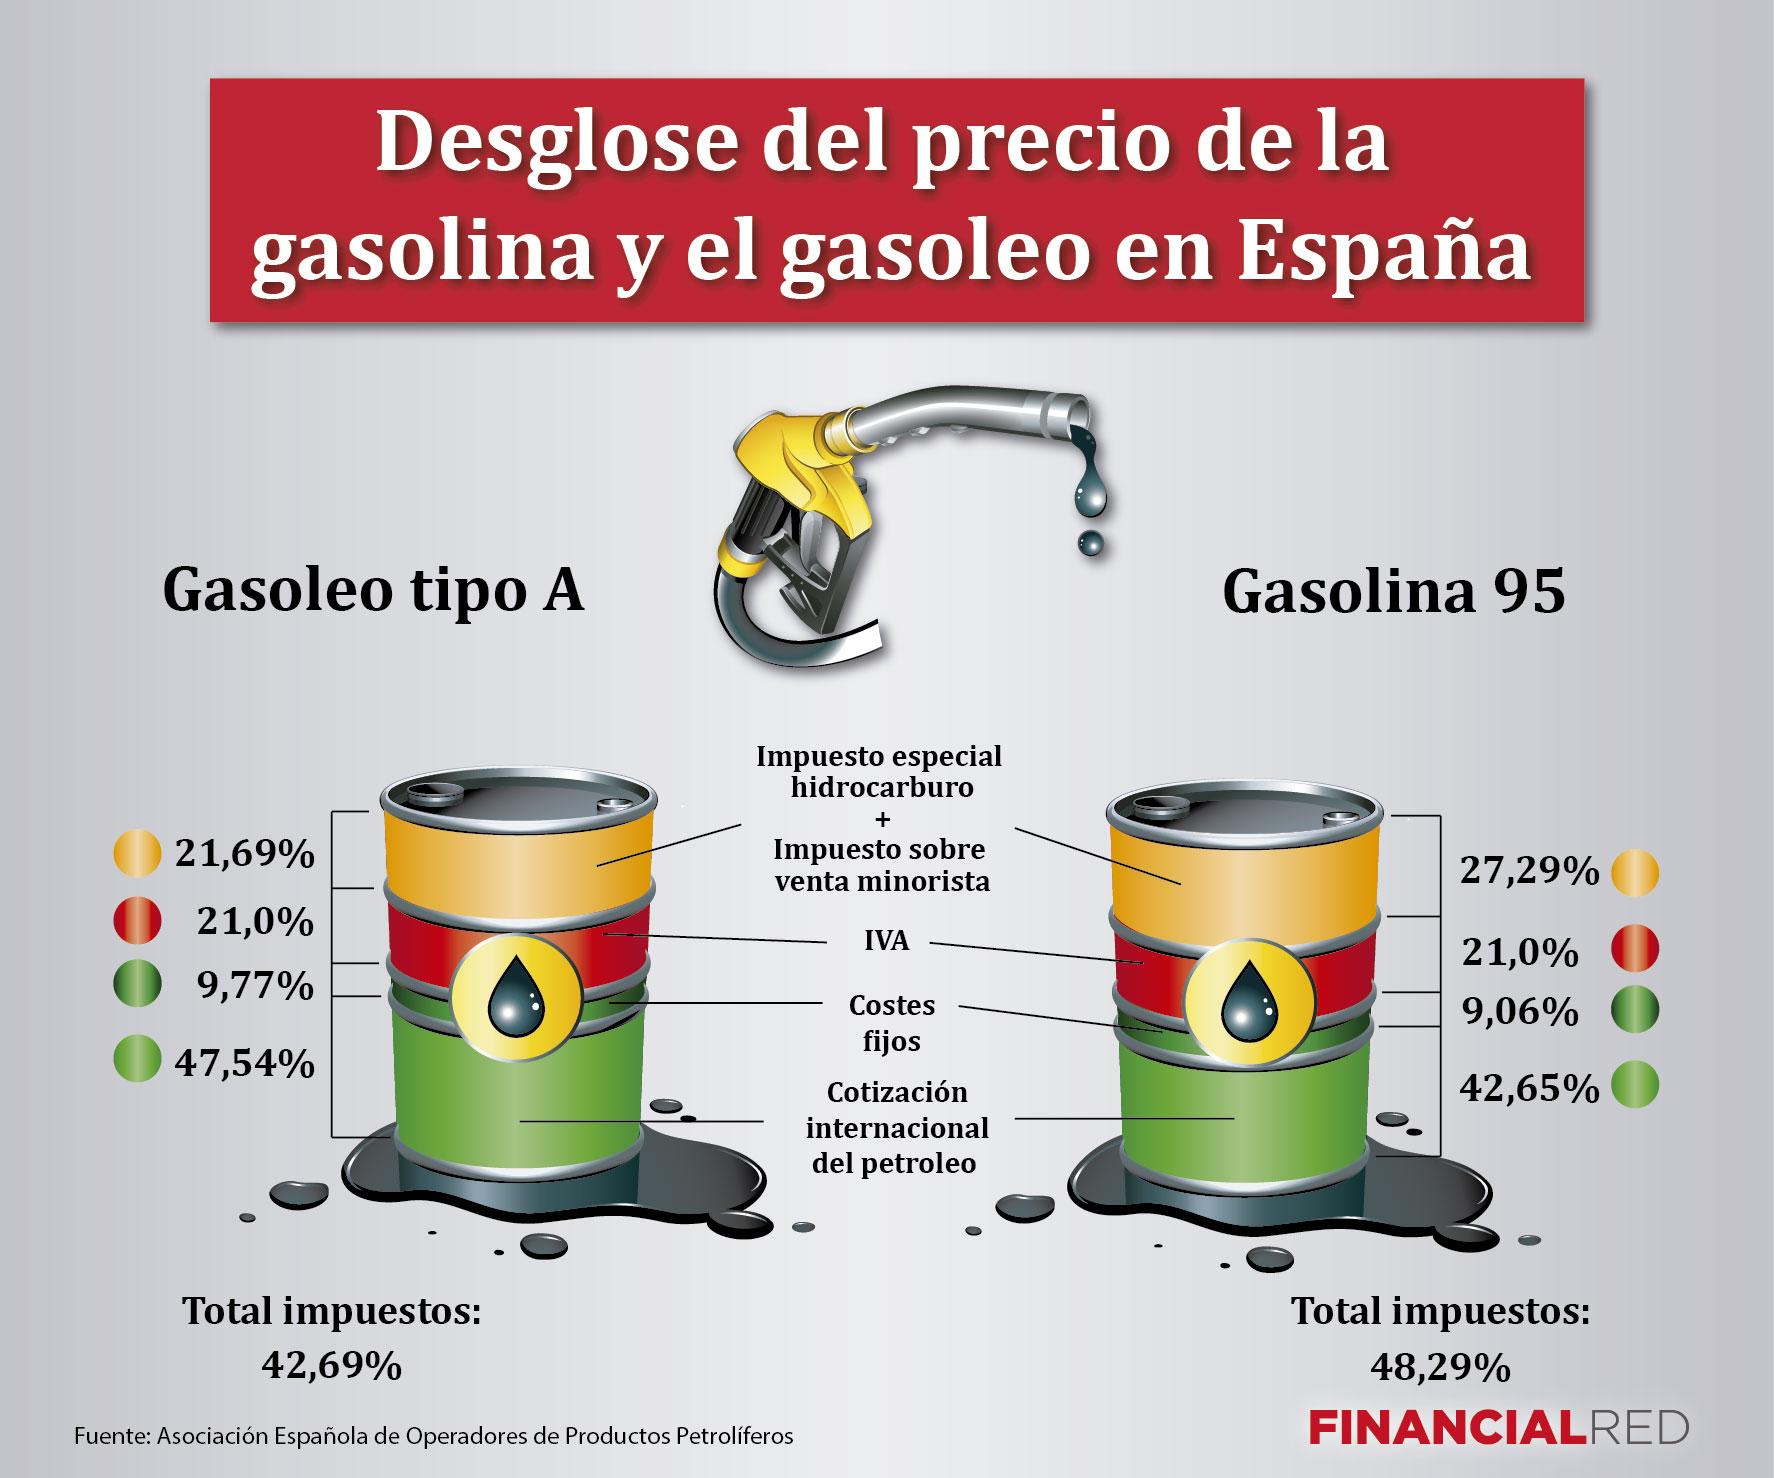 El Ford mondeo 3 motor 2.0 gasolina el gasto del combustible